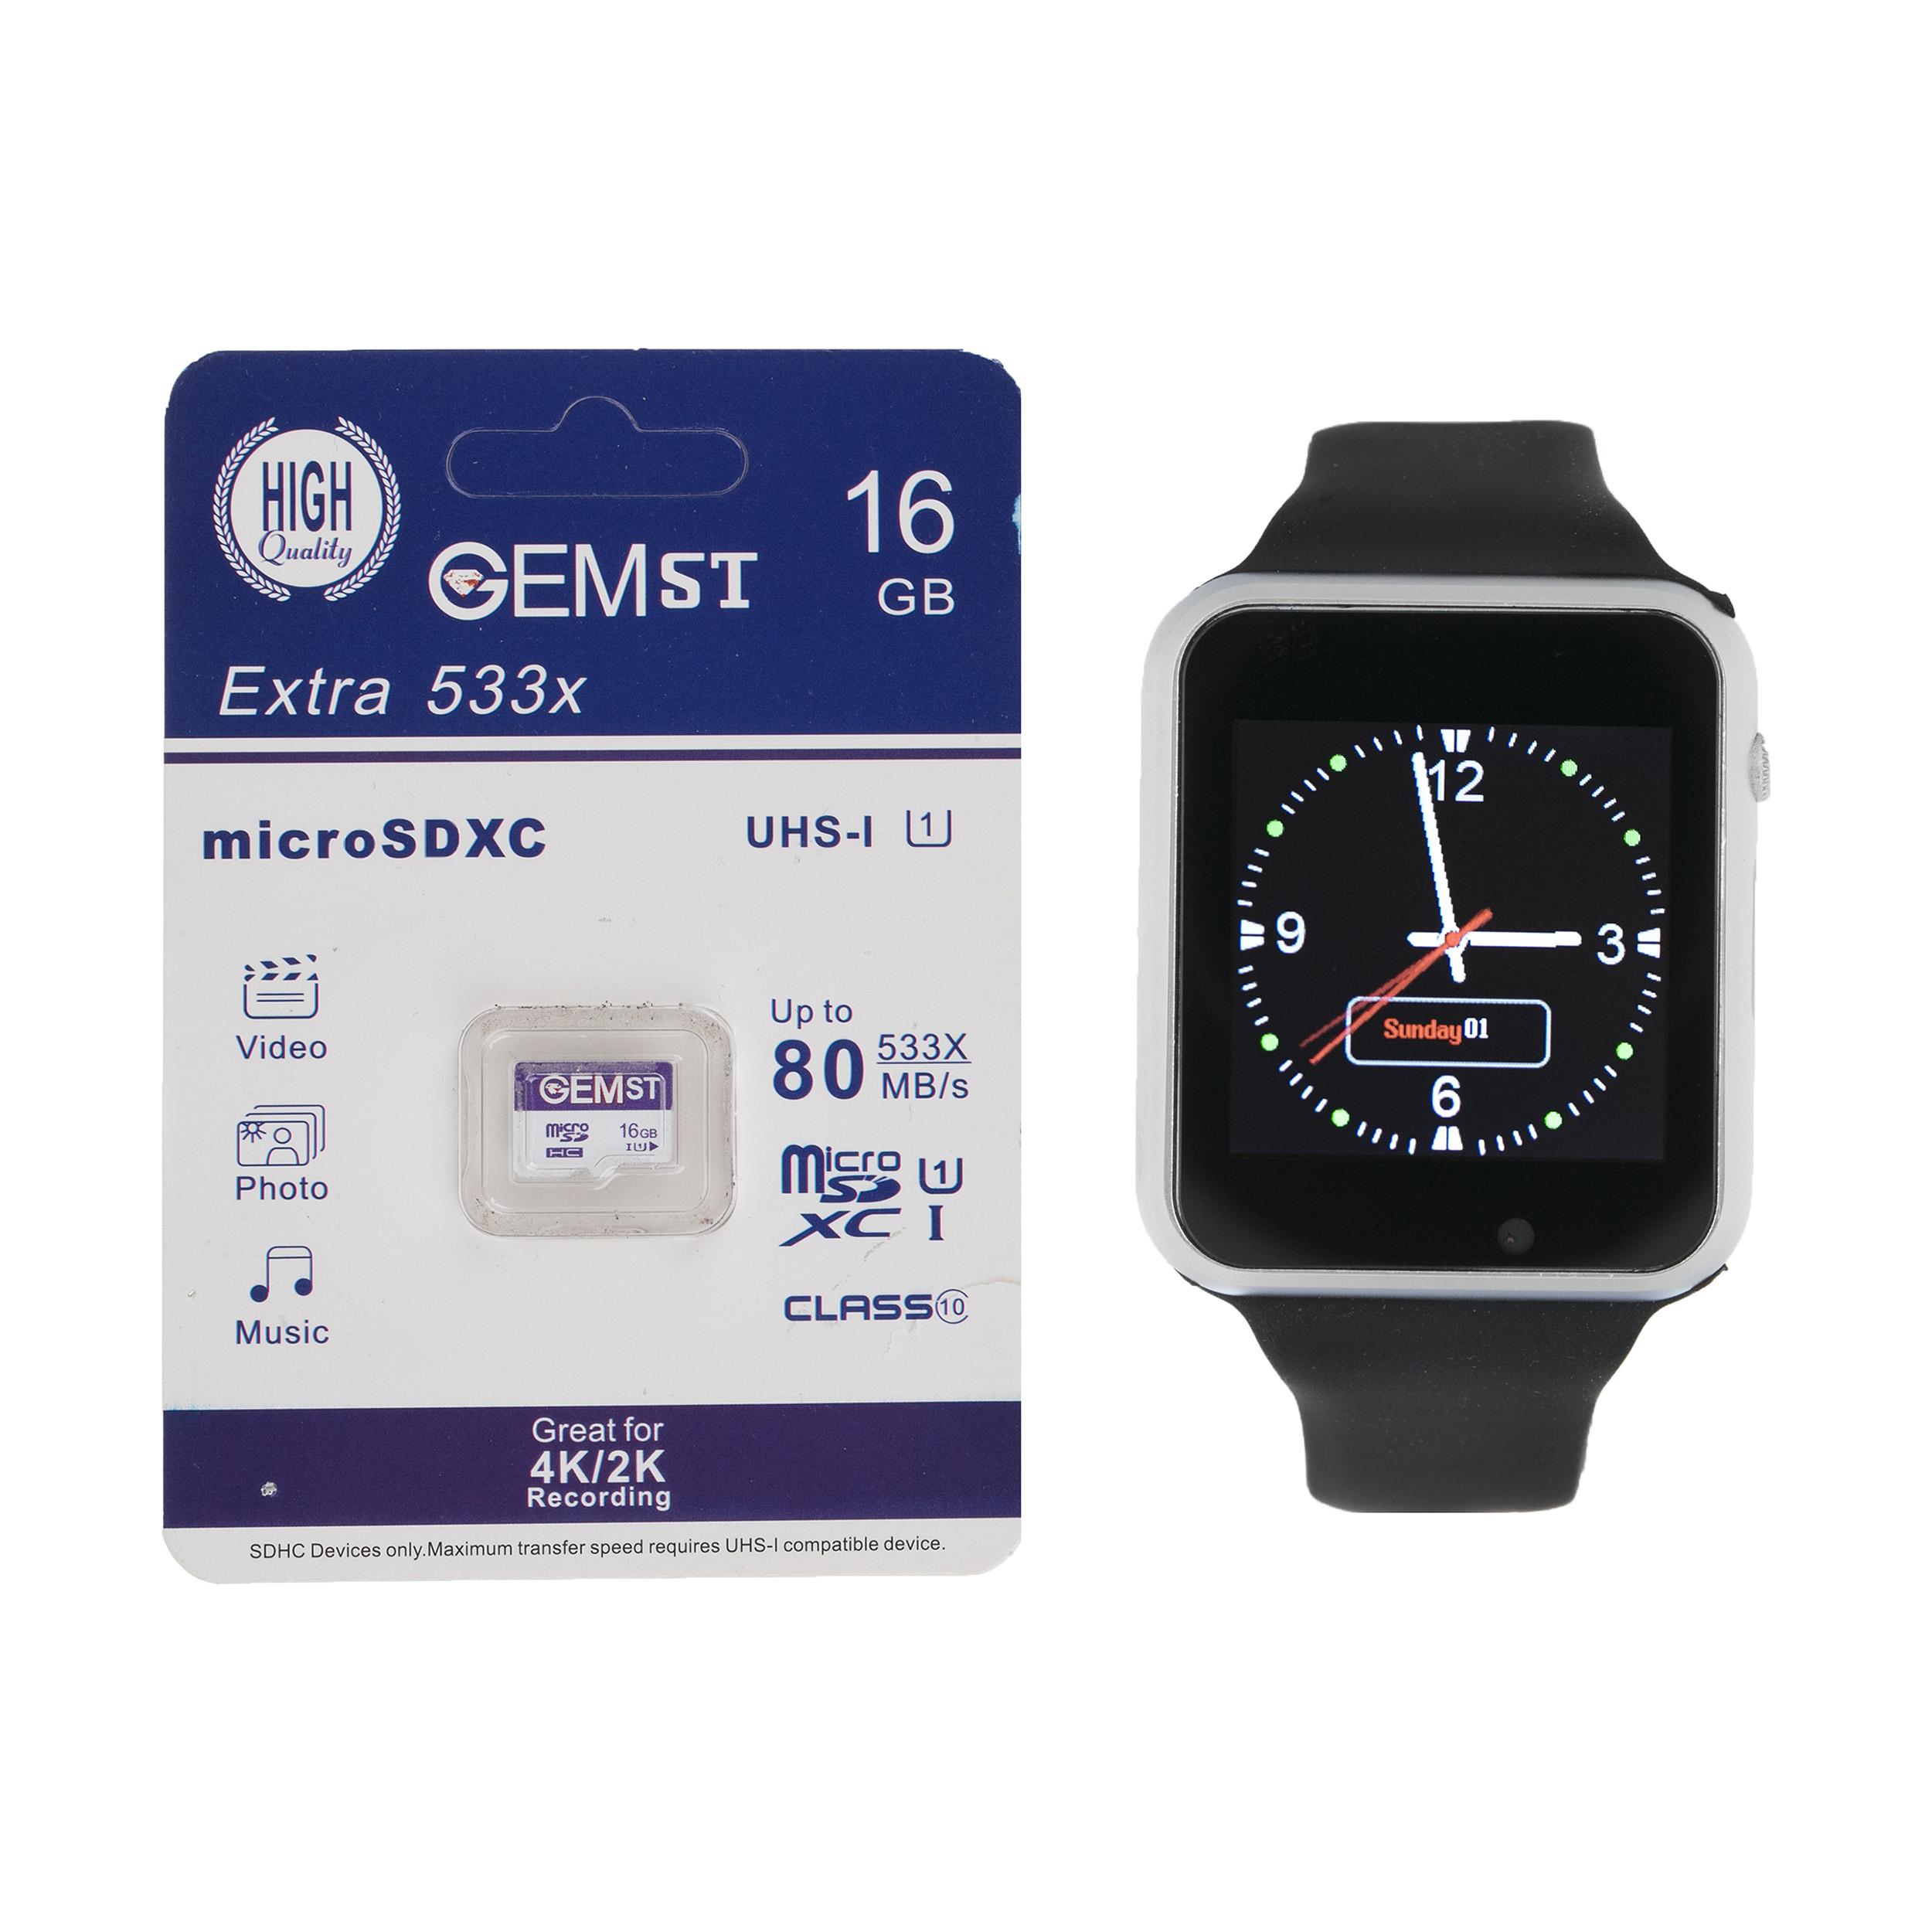 ساعت هوشمند جی-تب مدل W101 Hero به همراه کارت حافظه 16 گیگابایتی